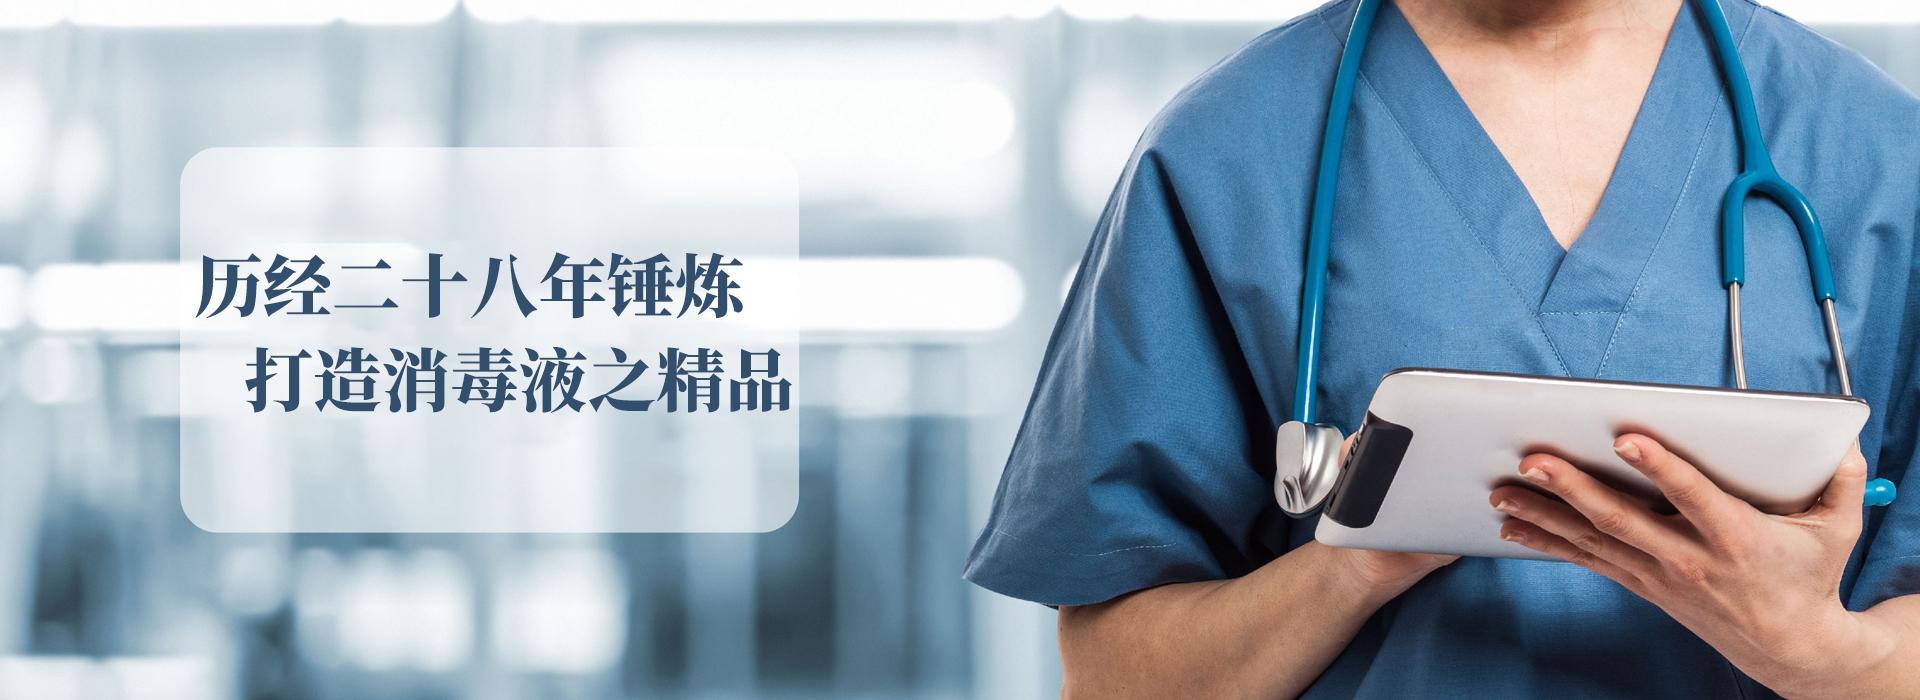 兴化市医疗卫生用品有限公司